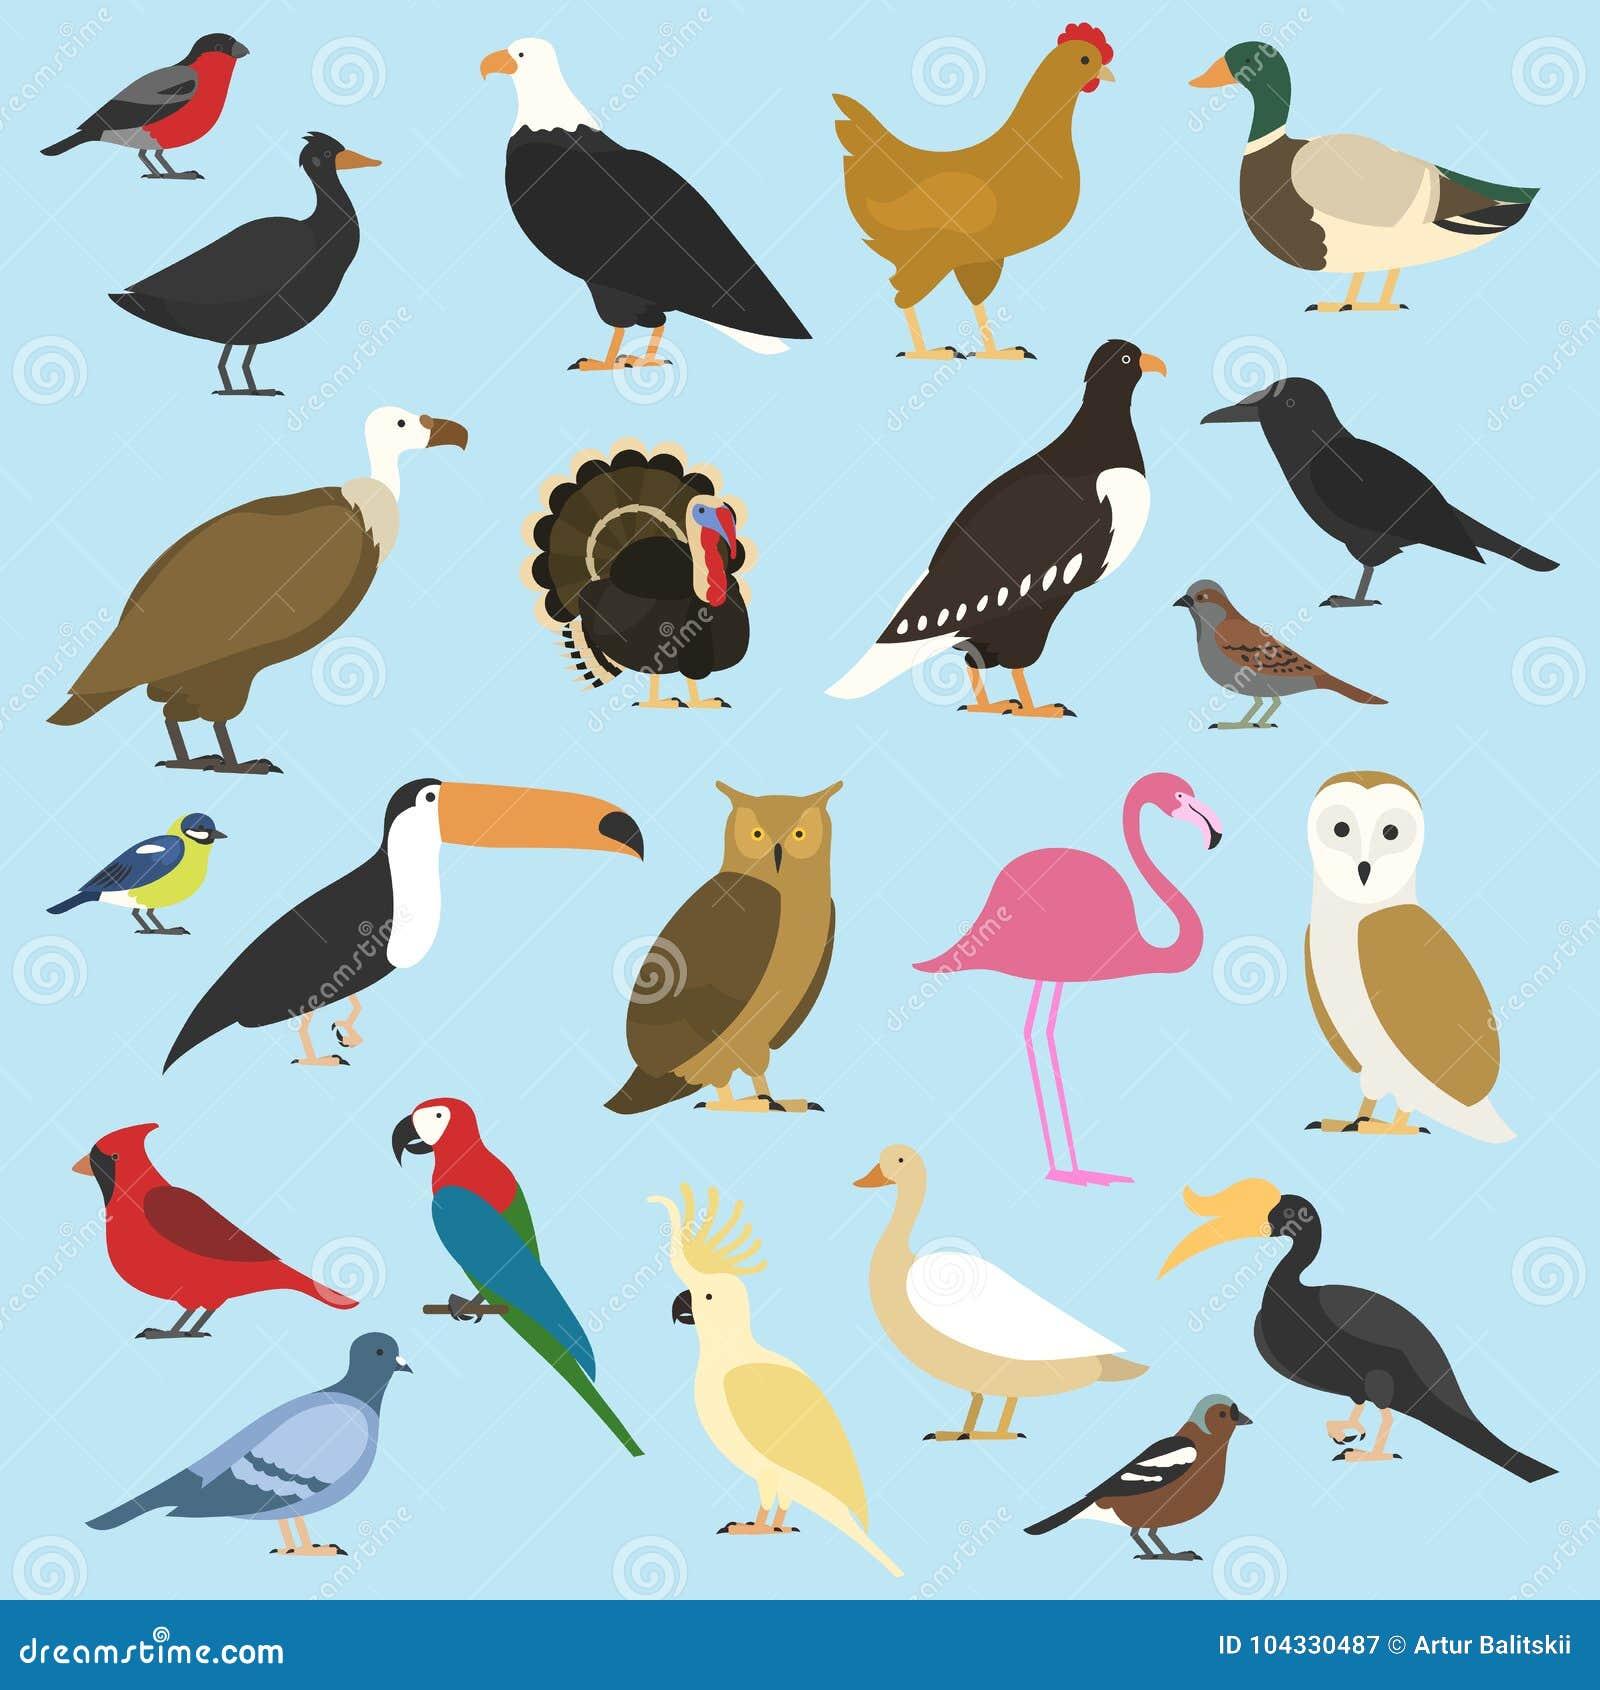 Комплект отечественных птиц и тропических животных хищники griffon, попугай какаду птица-носорог носорога, toco toucan